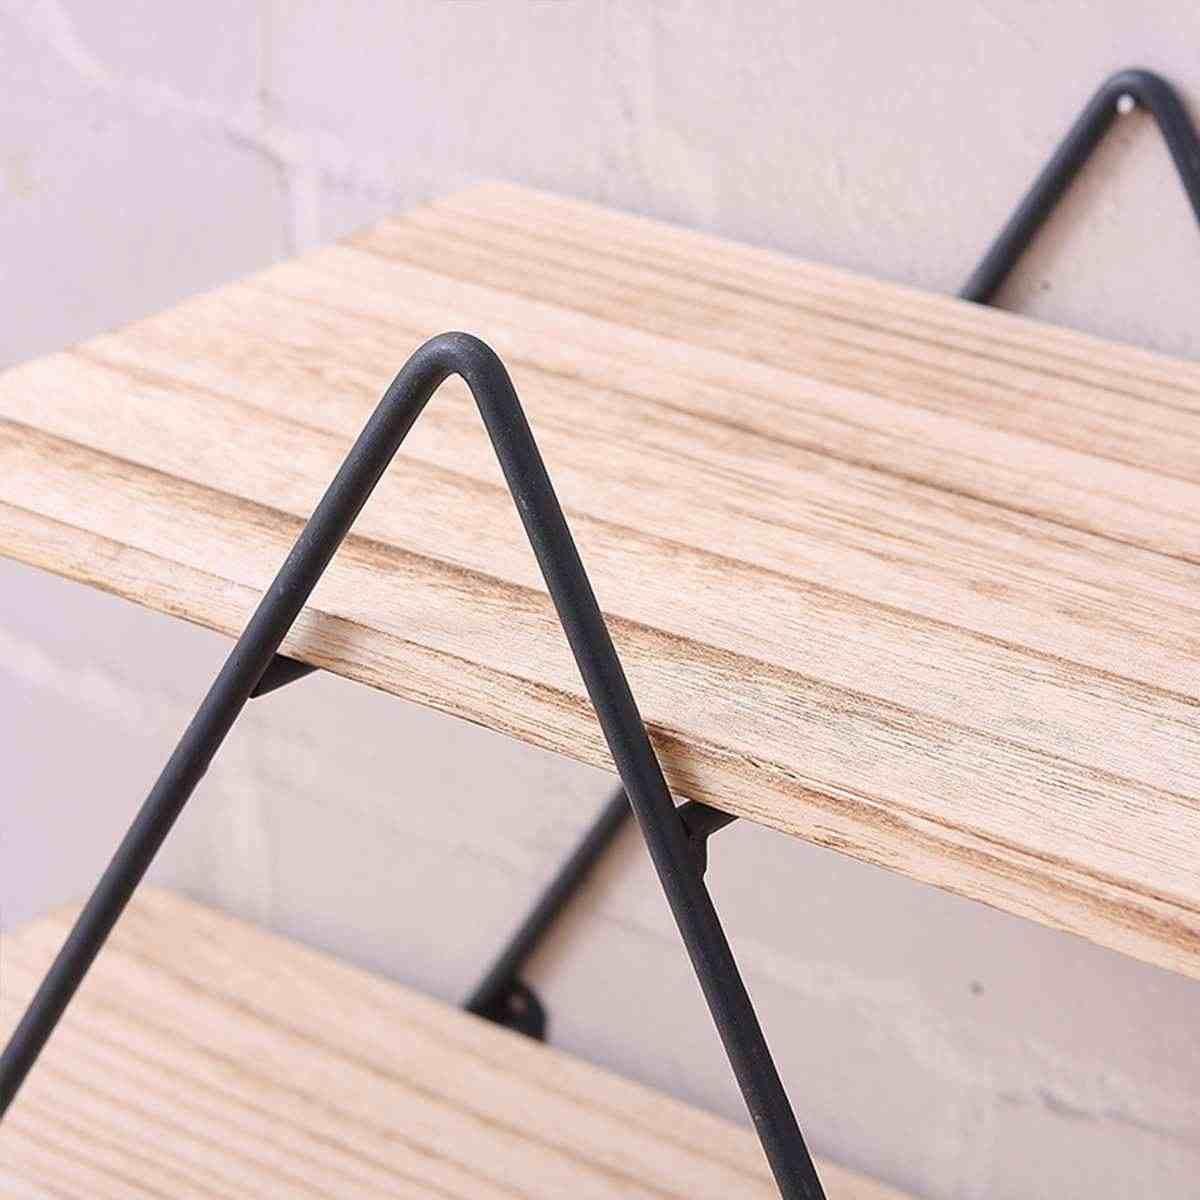 Новый 50x50x19 см полка Железный контейнер для хранения Искусство деревянный Ретро настенный книжный шкаф дверь пальто вешалка для хранения вешалок Органайзер